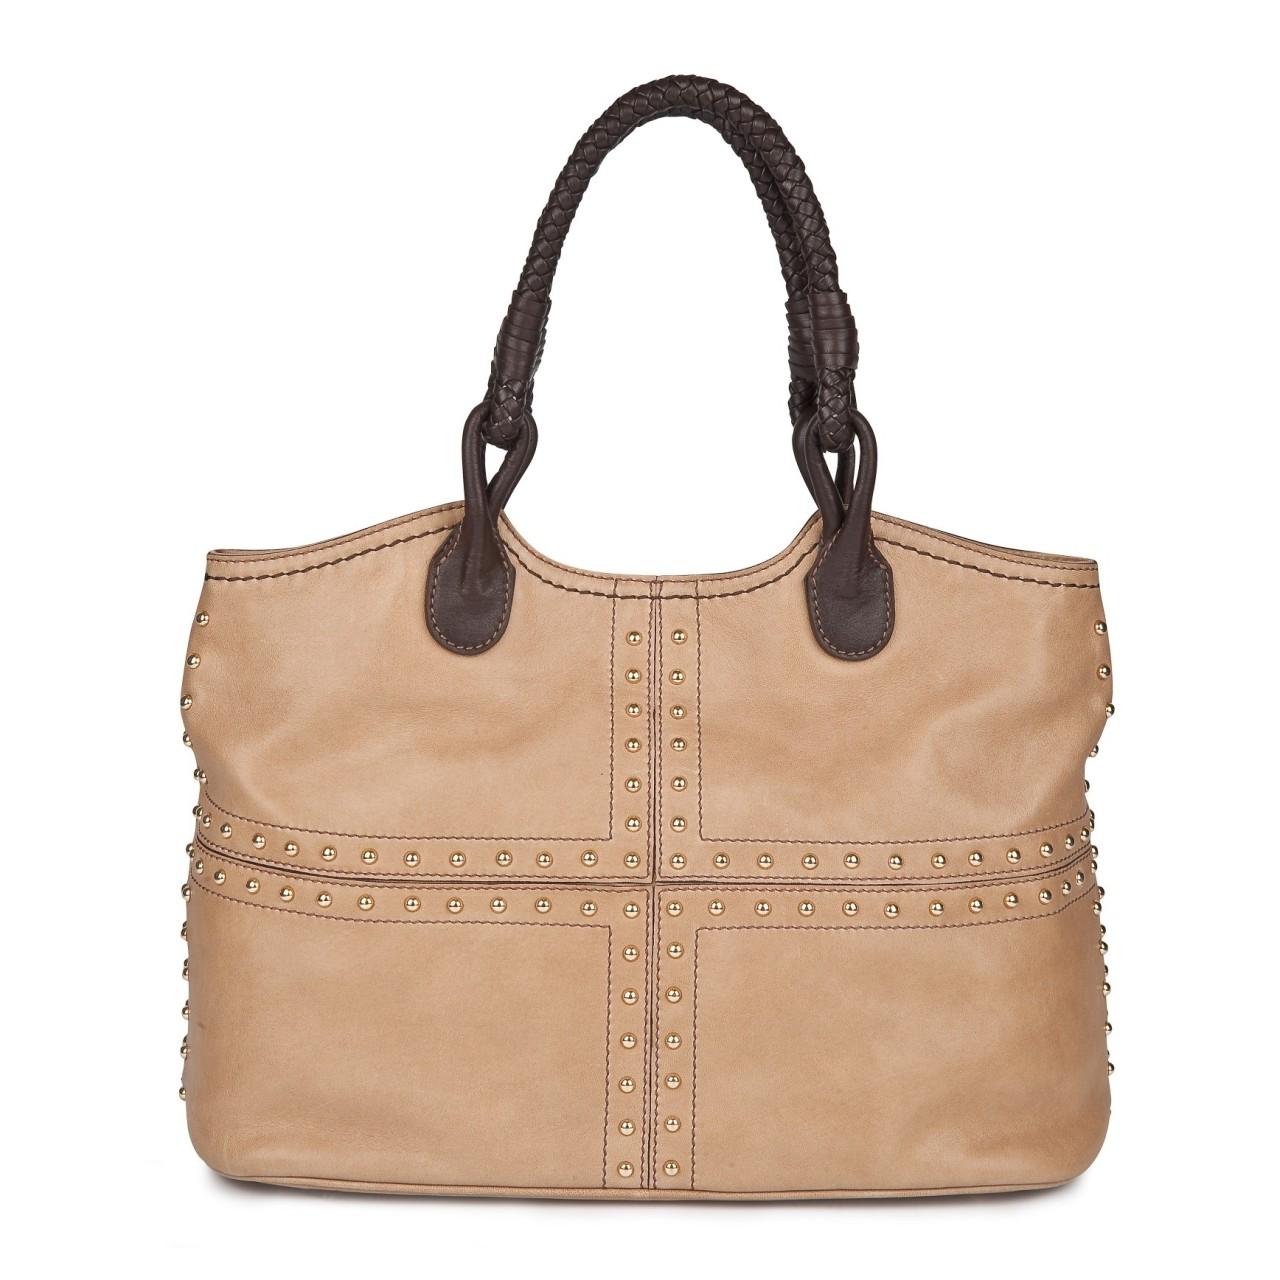 Сумка женская.  Классическая прямоугольная форма сумки сочетается с...